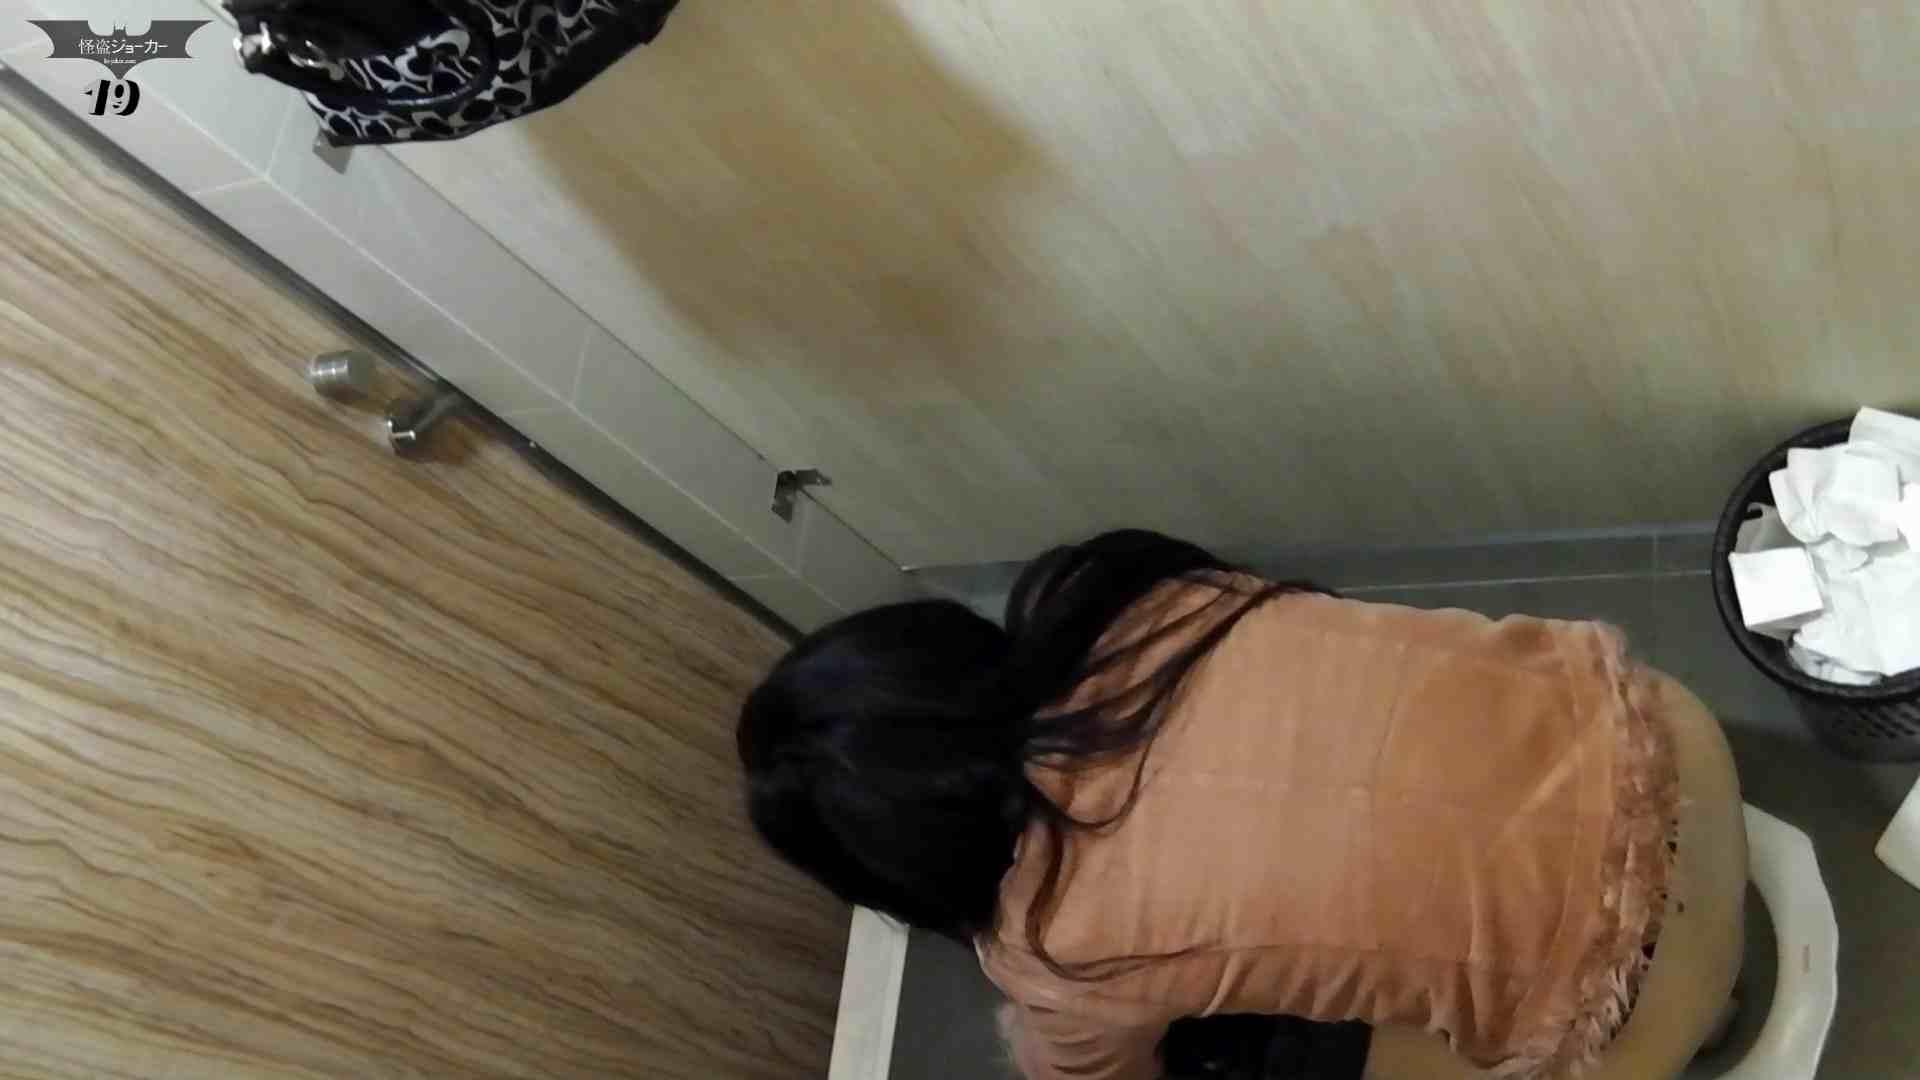 阿国ちゃんの「和式洋式七変化」 (NEW)19 「雫」はしっかりと切るんです! 洗面所シーン   盛合せ  86画像 13